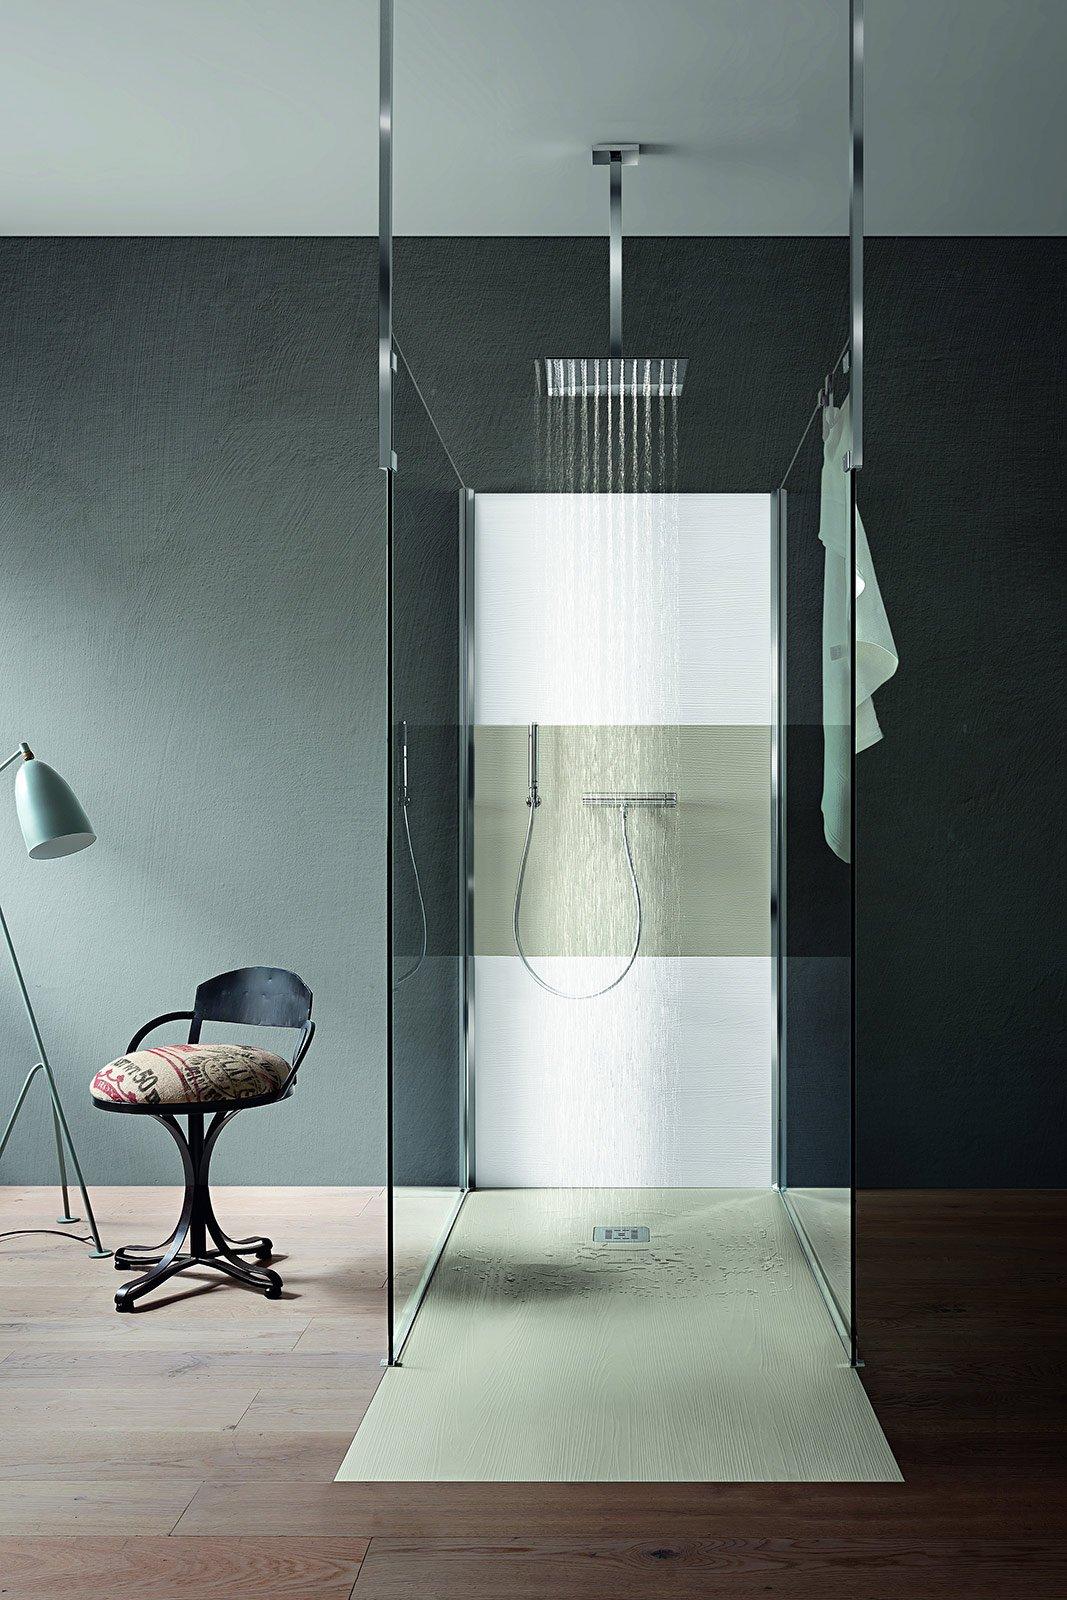 Bagno dettagli di design per la doccia cose di casa - Porta bagnoschiuma doccia ...